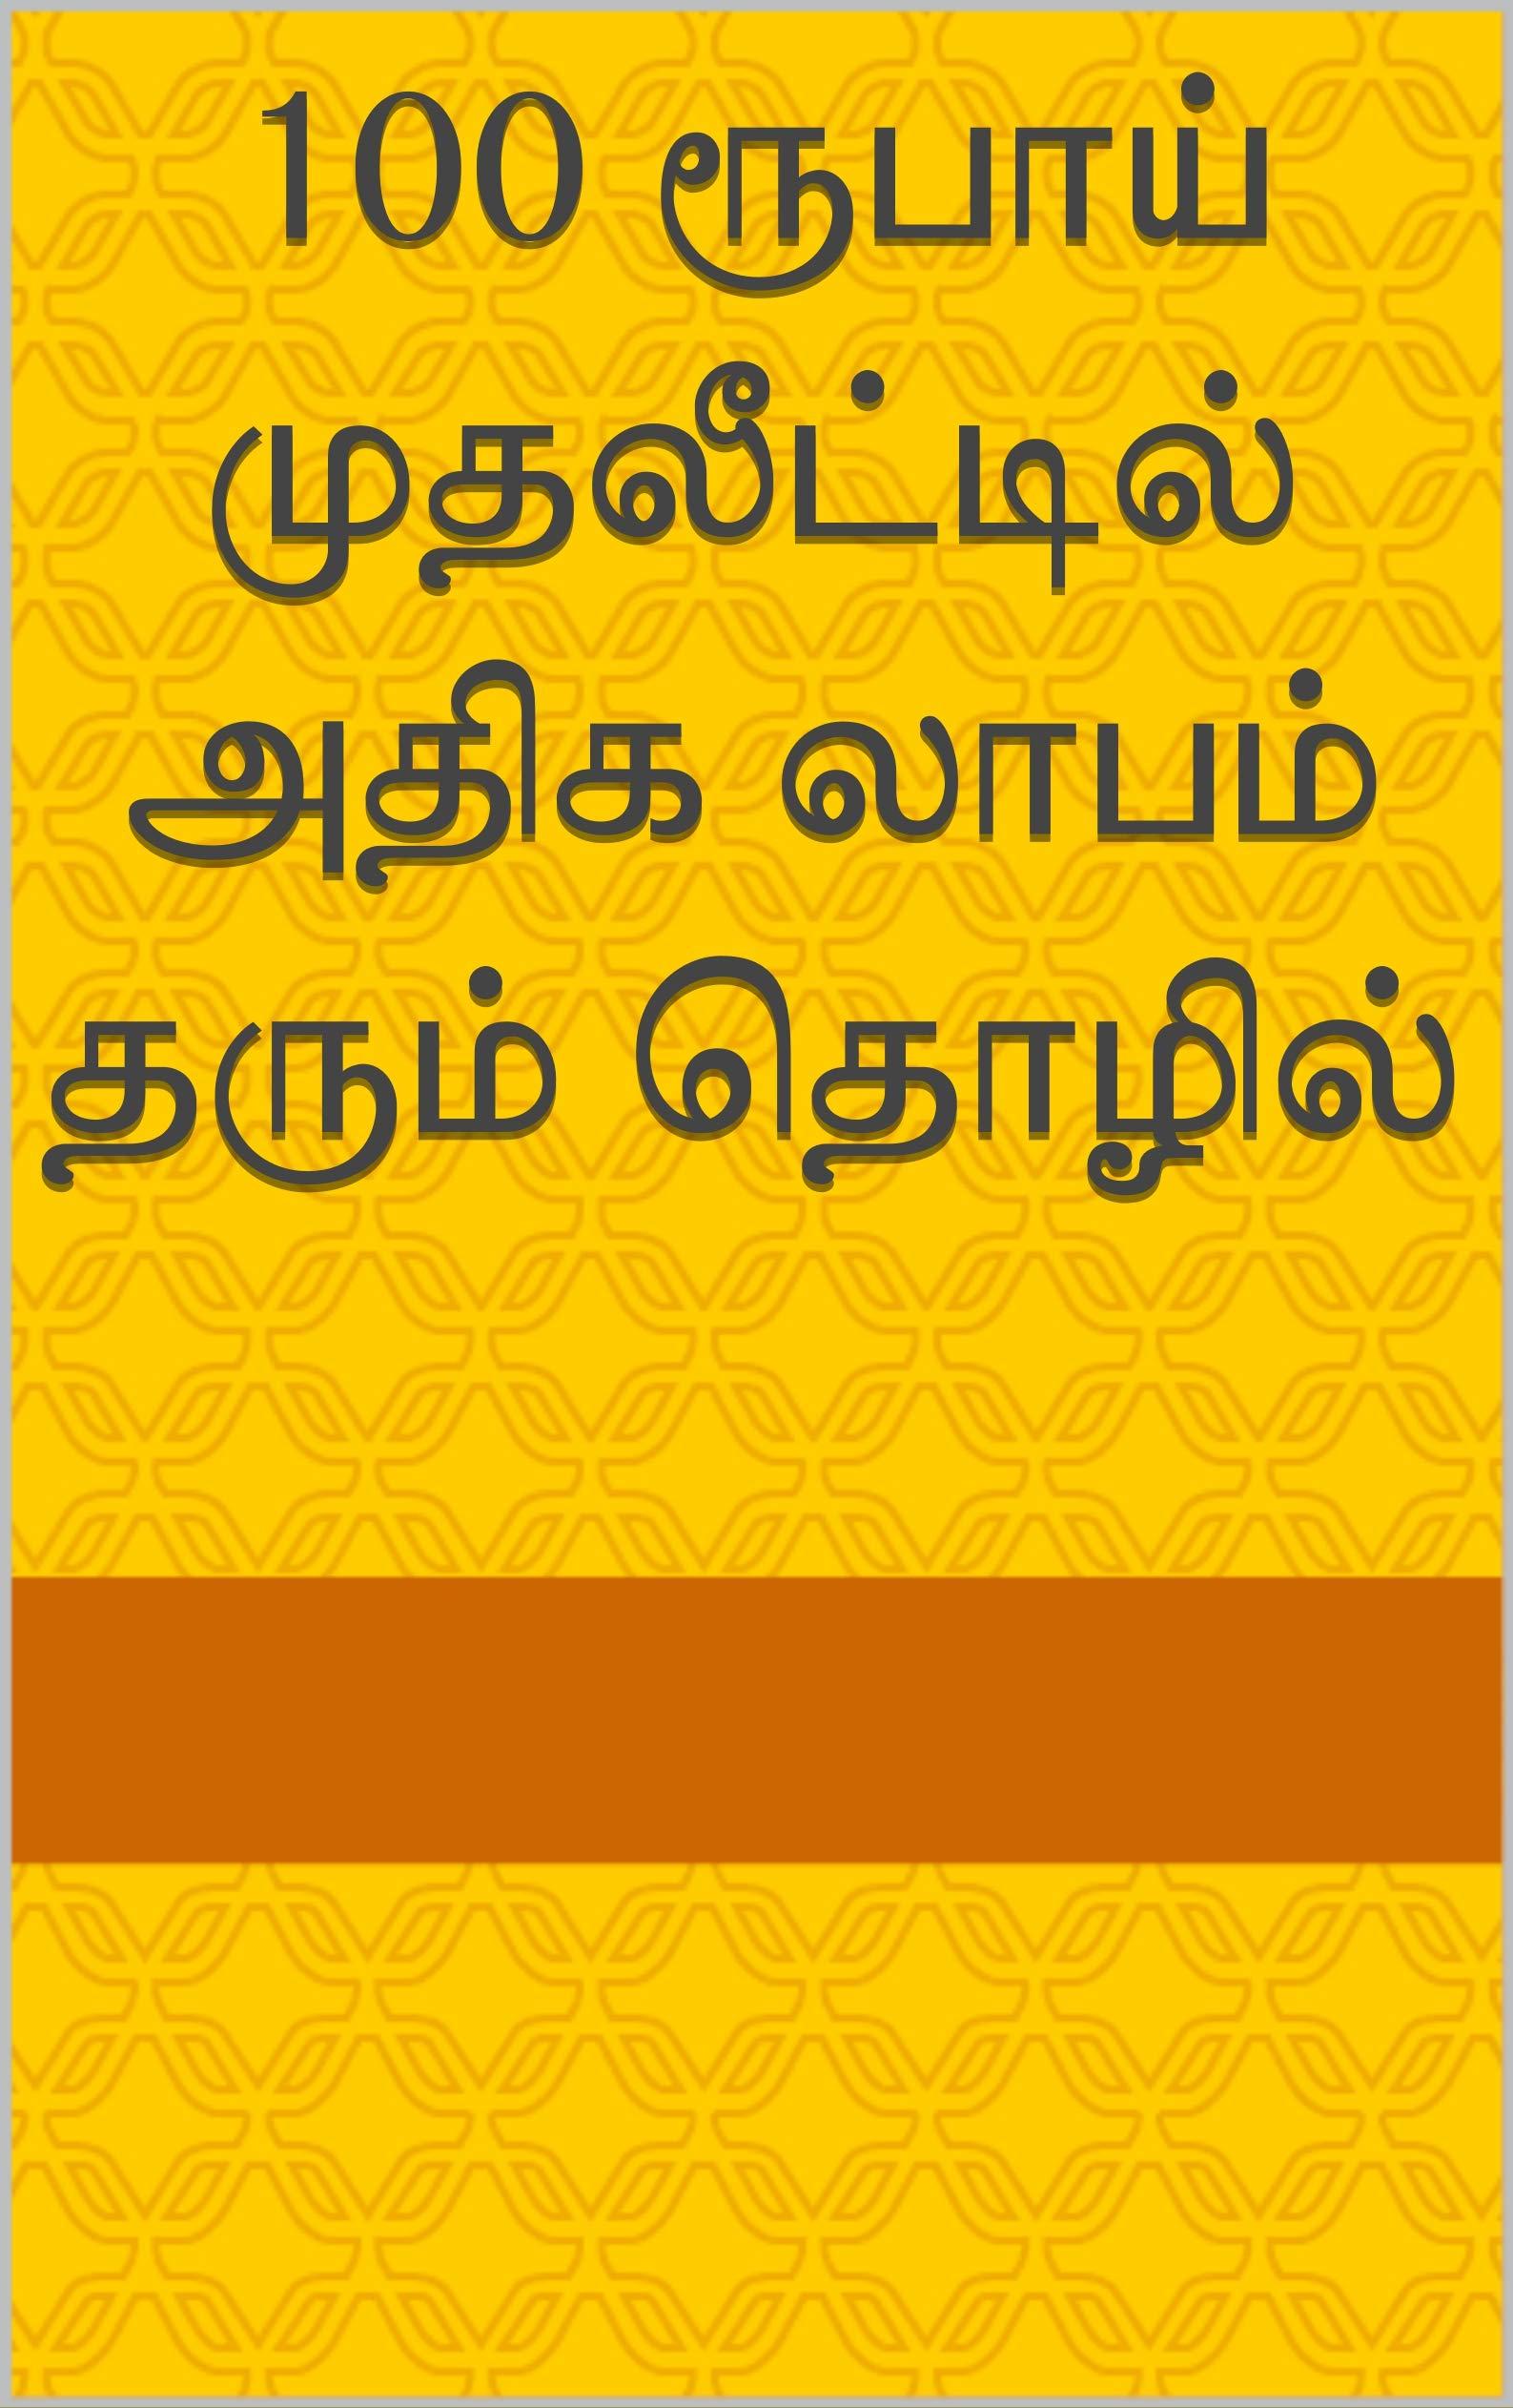 100 ரூபாய் முதலீட்டில் அதிக லாபம் தரும் தொழில் (Tamil Edition)